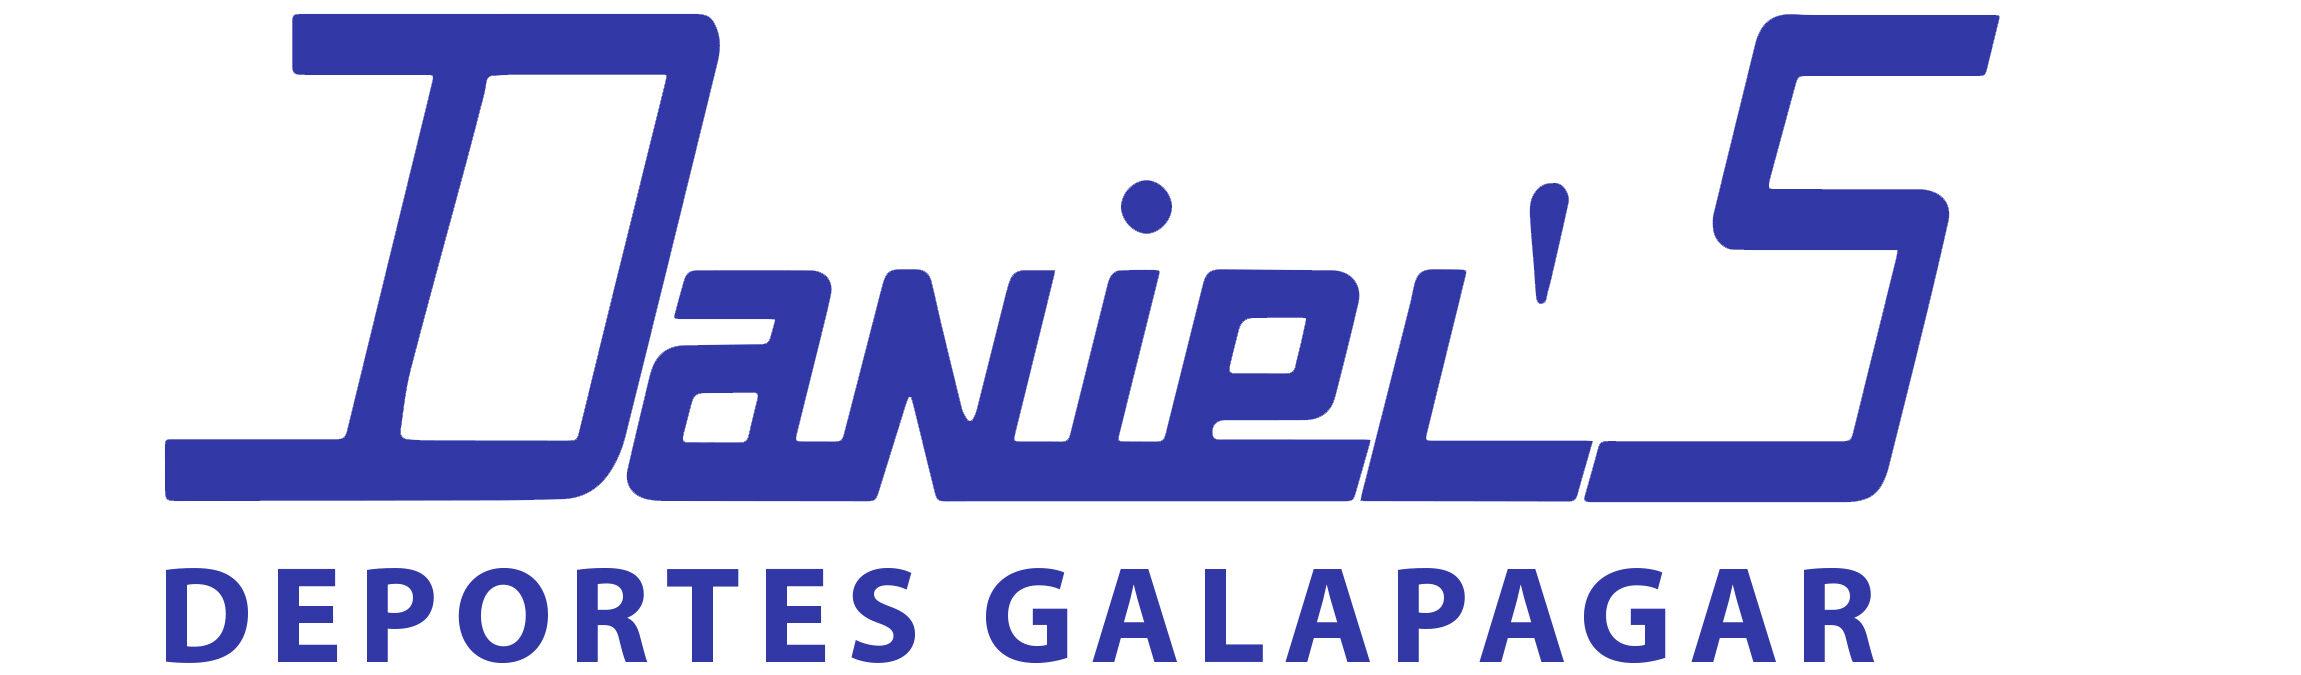 Deportes Galapagar